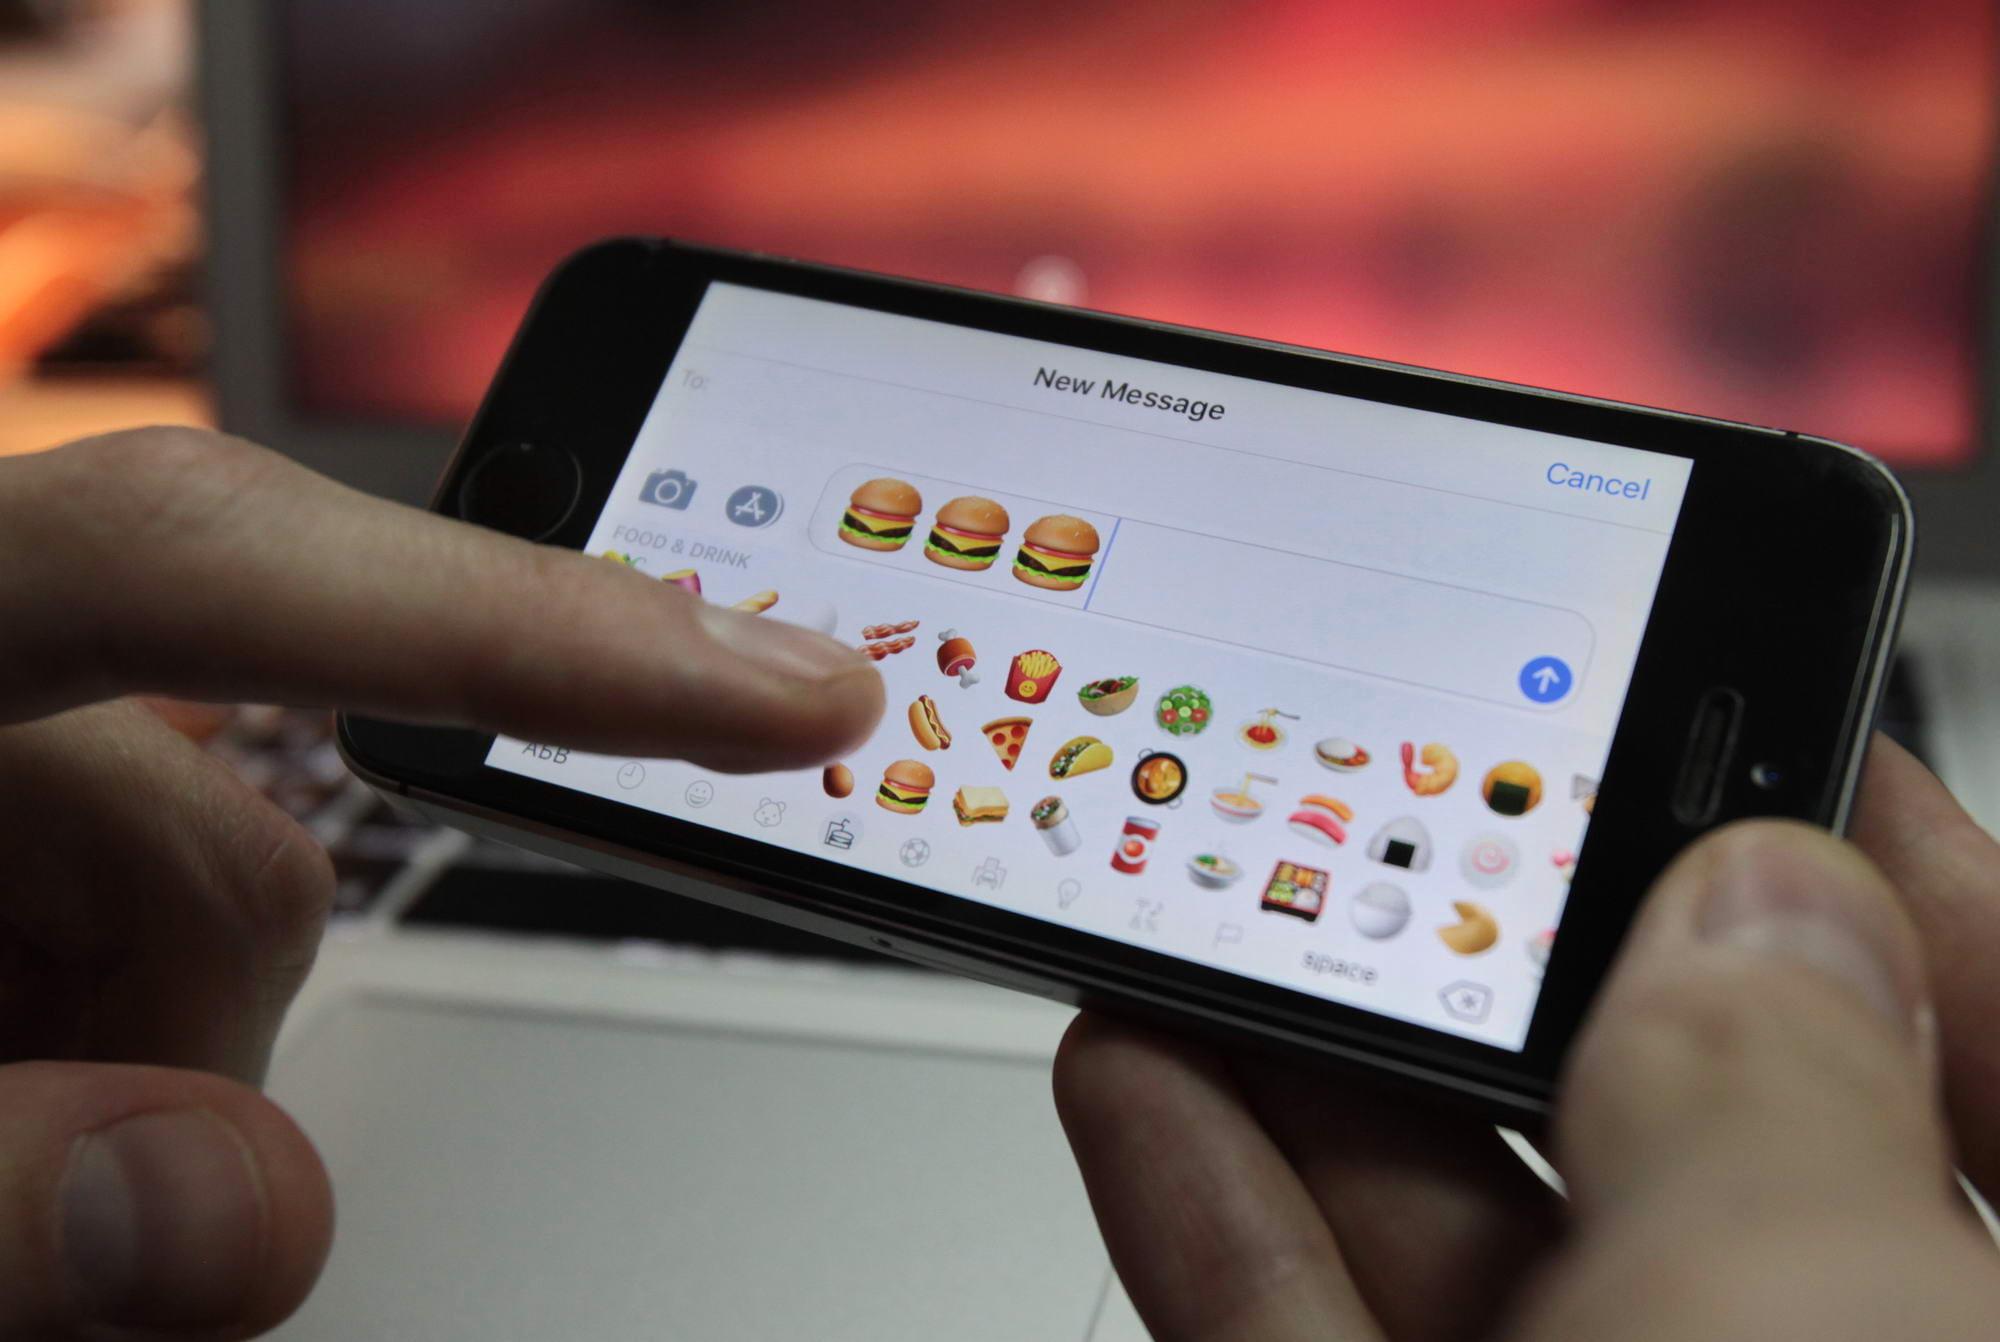 Imagem de Emoji polêmico da Google é corrigido no Android 8.1, veja como ficou no tecmundo